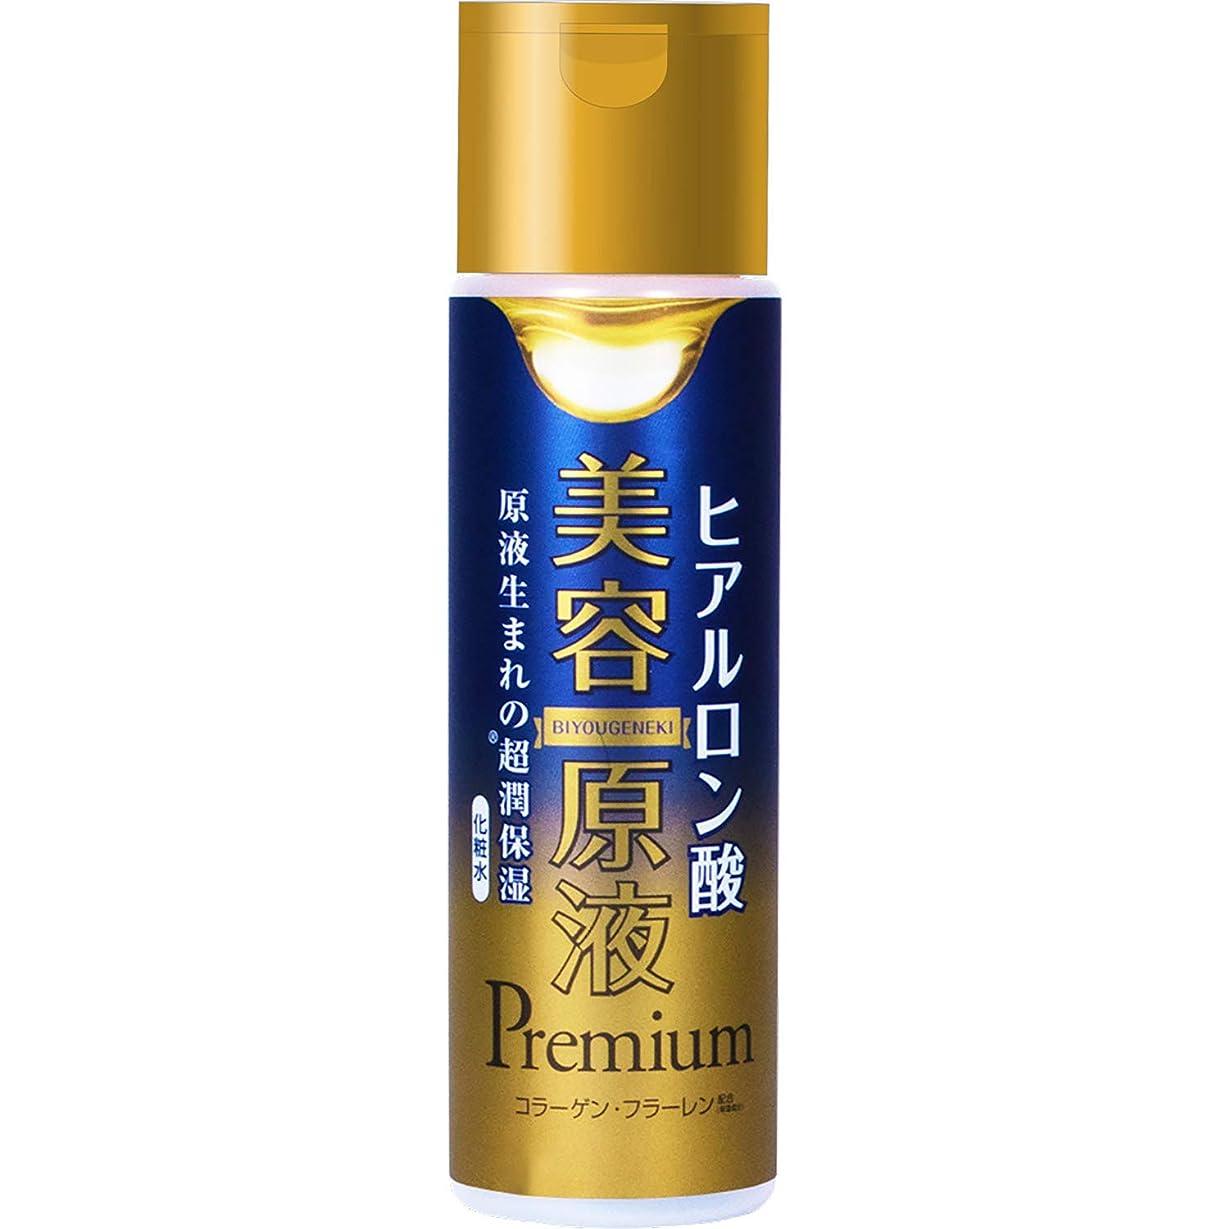 時計回り俳句刺す美容原液 超潤化粧水 コラーゲン&ヒアルロン酸 185mL (化粧水 ローション 高保湿)